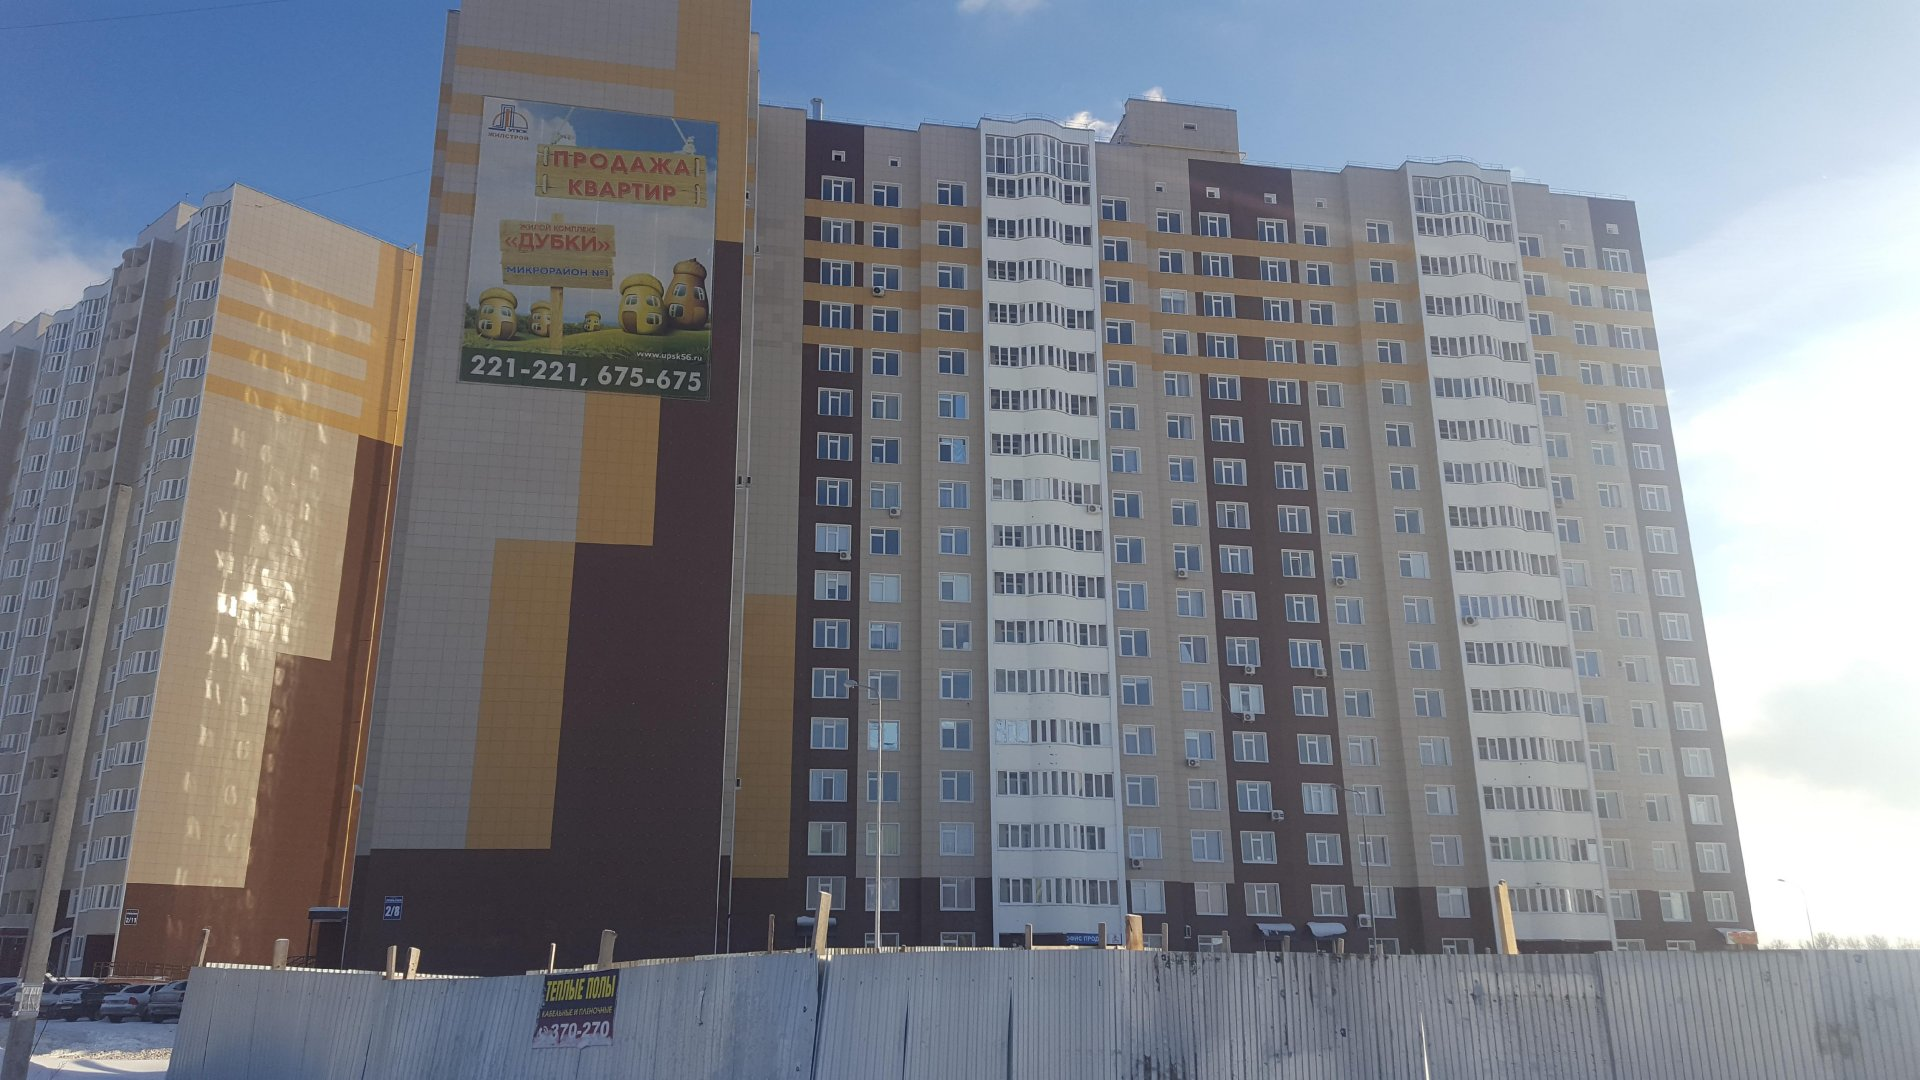 Уральская 2-8